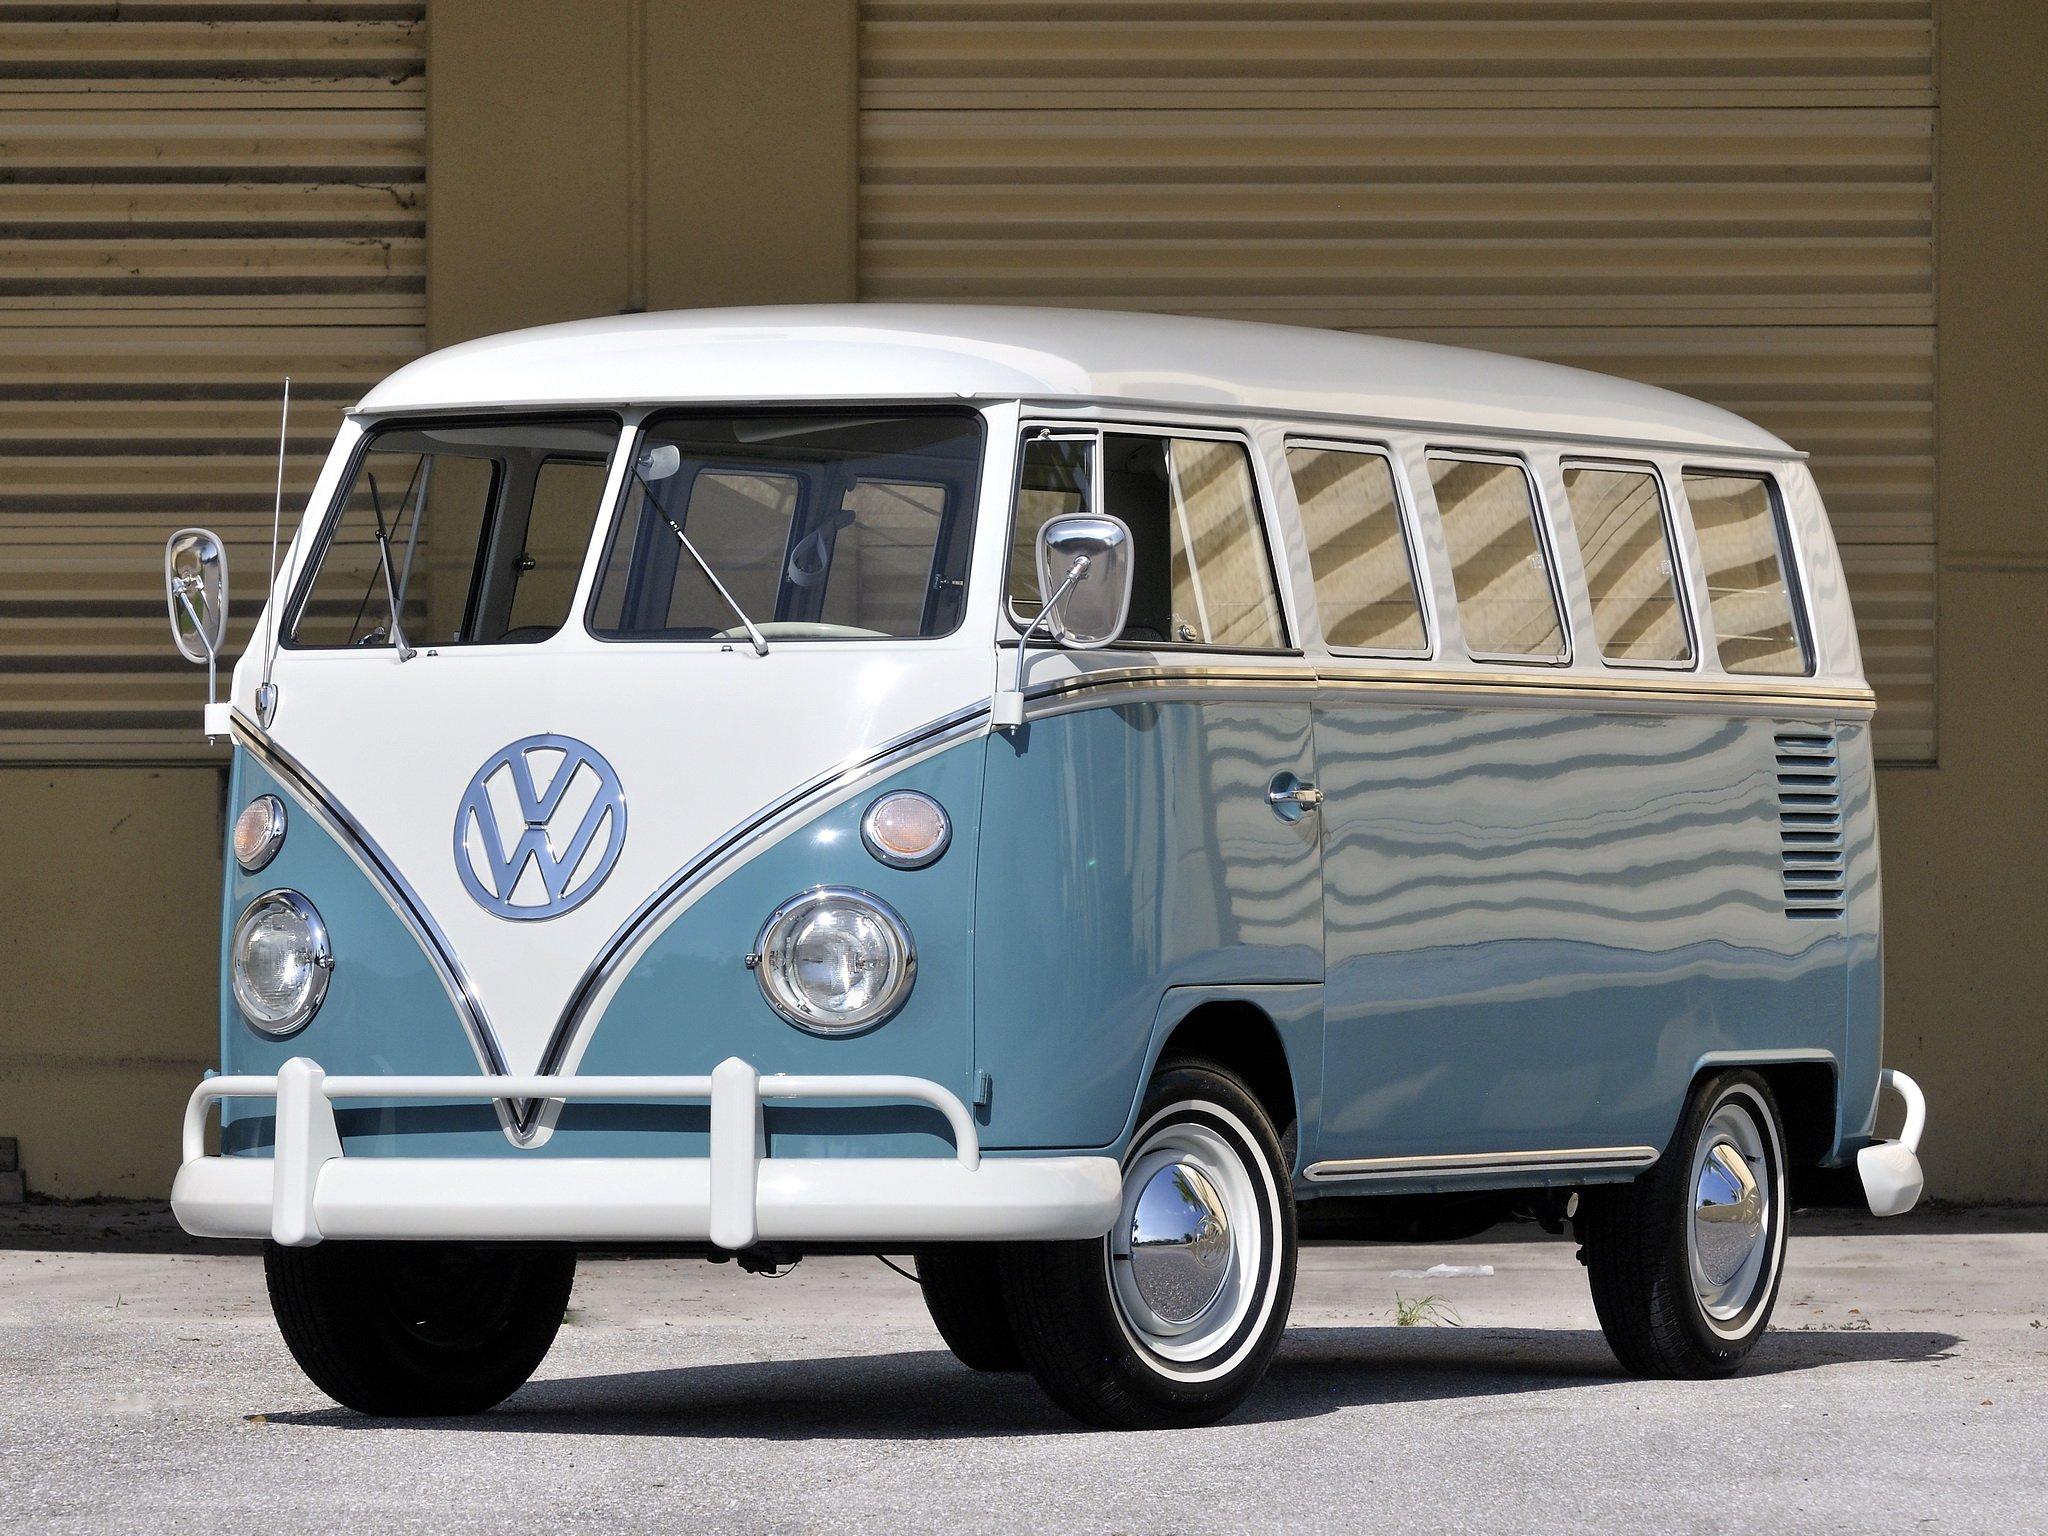 1963 67 volkswagen t 1 deluxe bus van classic h wallpaper. Black Bedroom Furniture Sets. Home Design Ideas